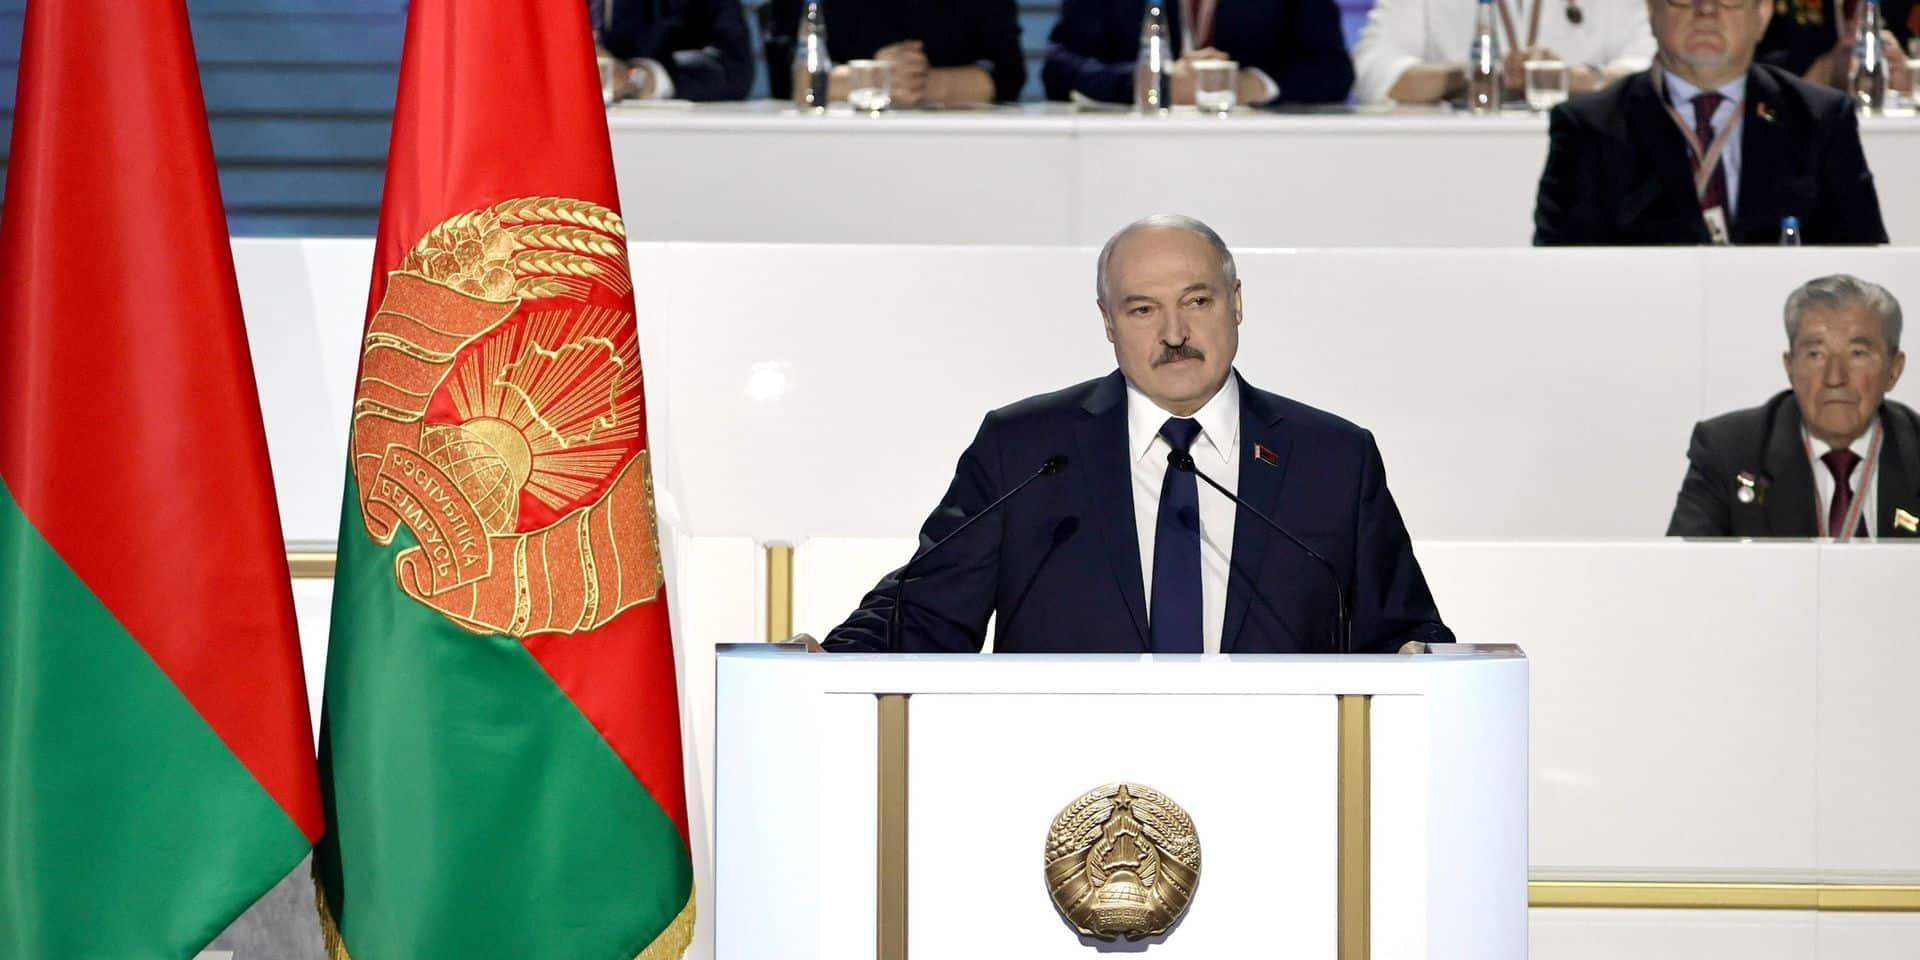 Bélarus: Loukachenko crie victoire face au mouvement de contestation de 2020